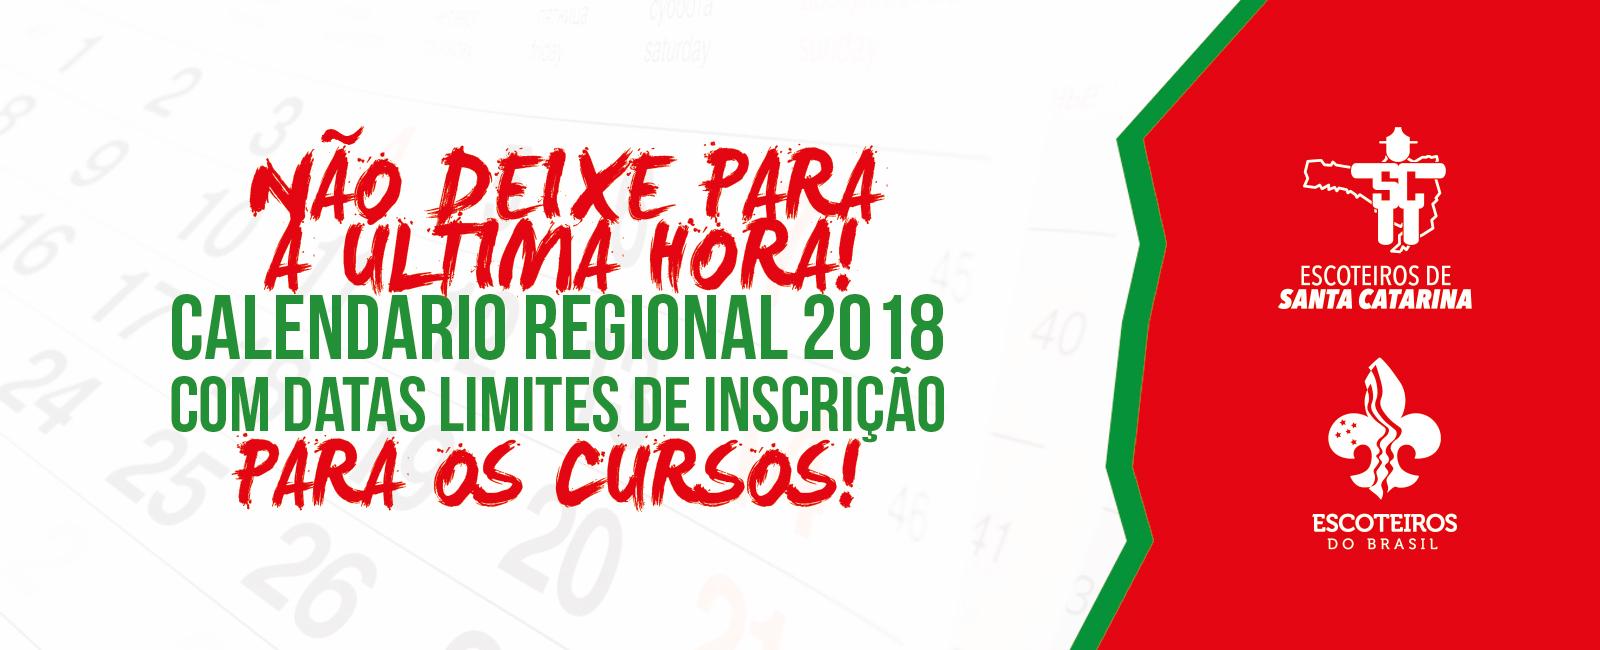 Calendário Regional 2016 com datas limite de inscrição